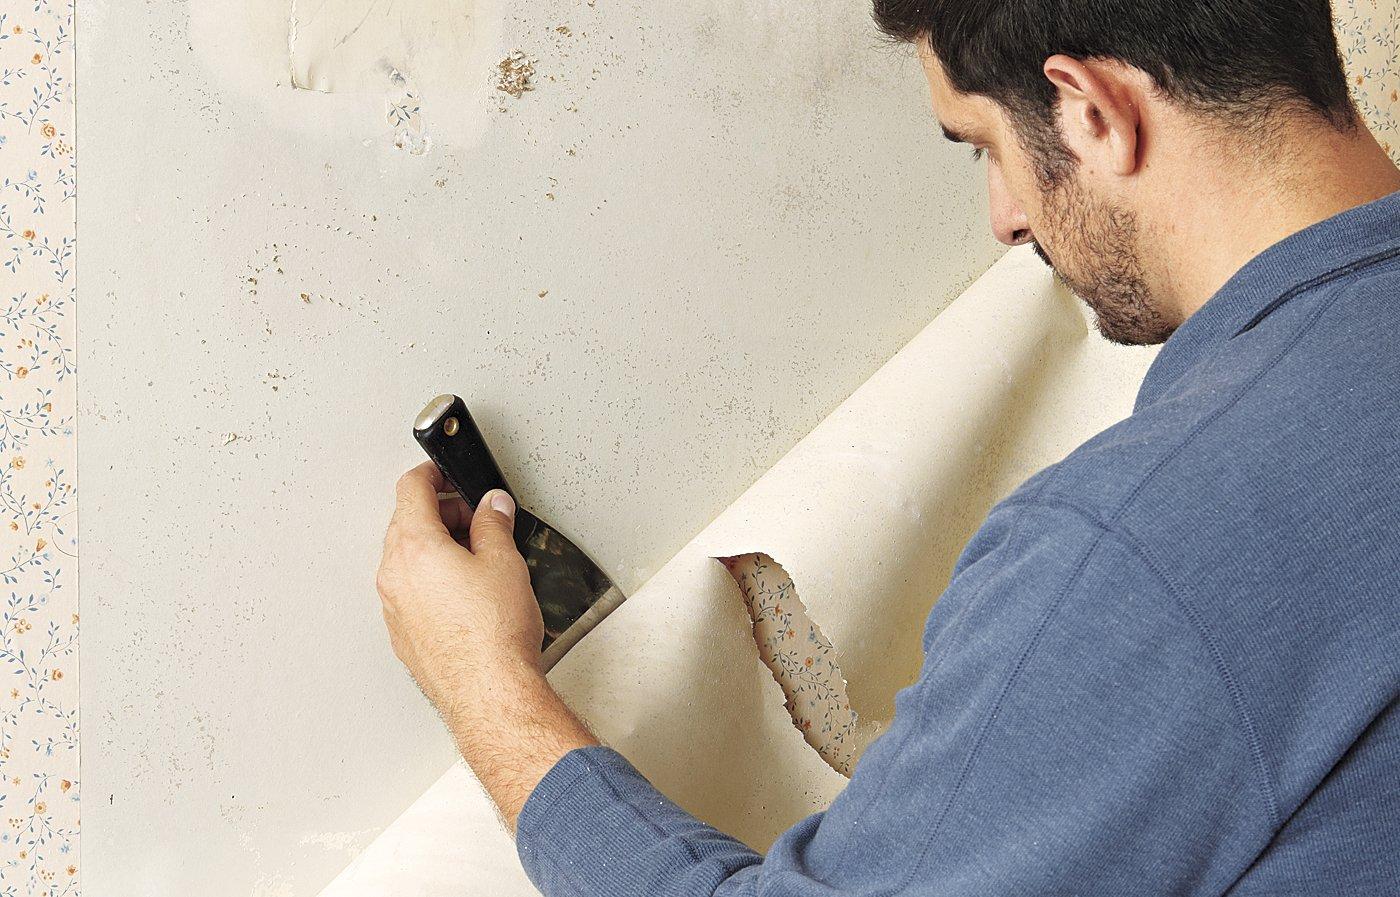 Как снять обои с гипсокартона: способы правильно быстро и легко удалить, не повредив стену, старые бумажные, виниловые, флизелиновые, моющиеся и без шпаклевки